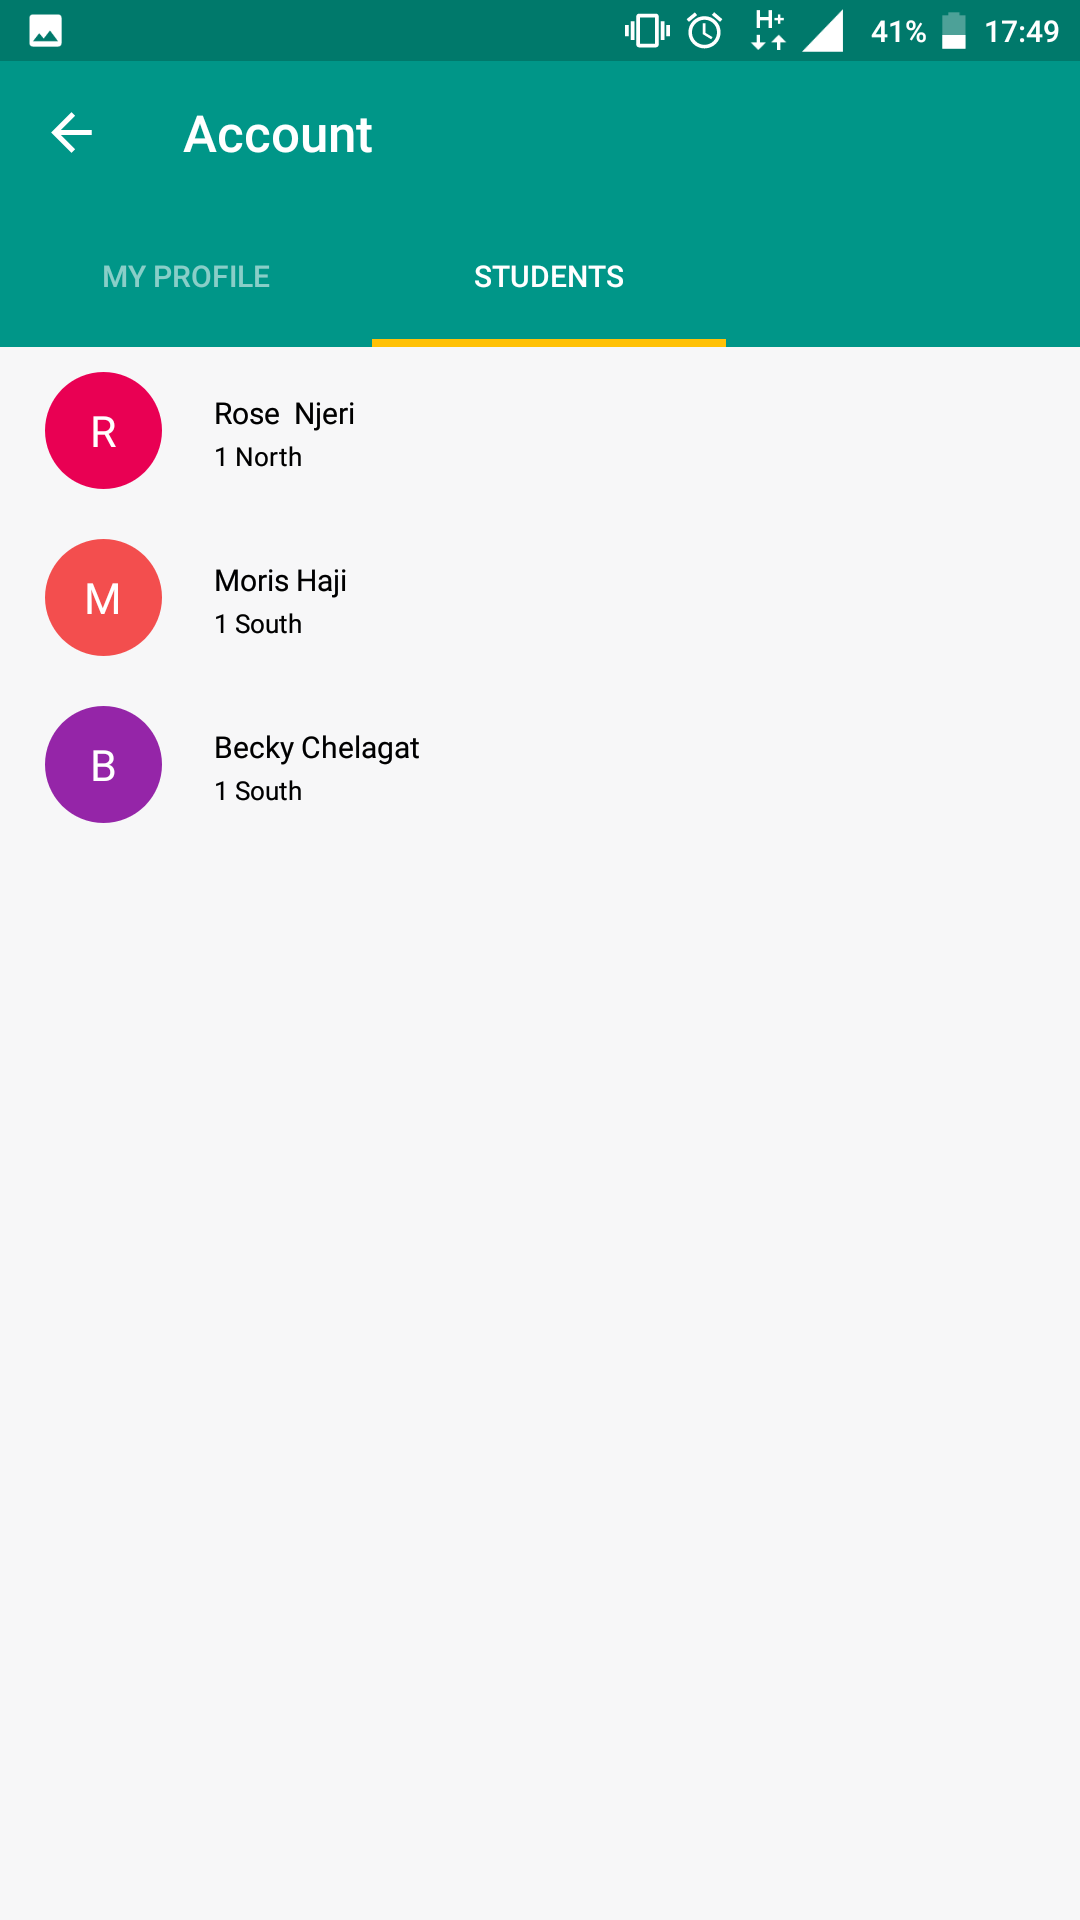 Bunifu Schools Mobile App - Account